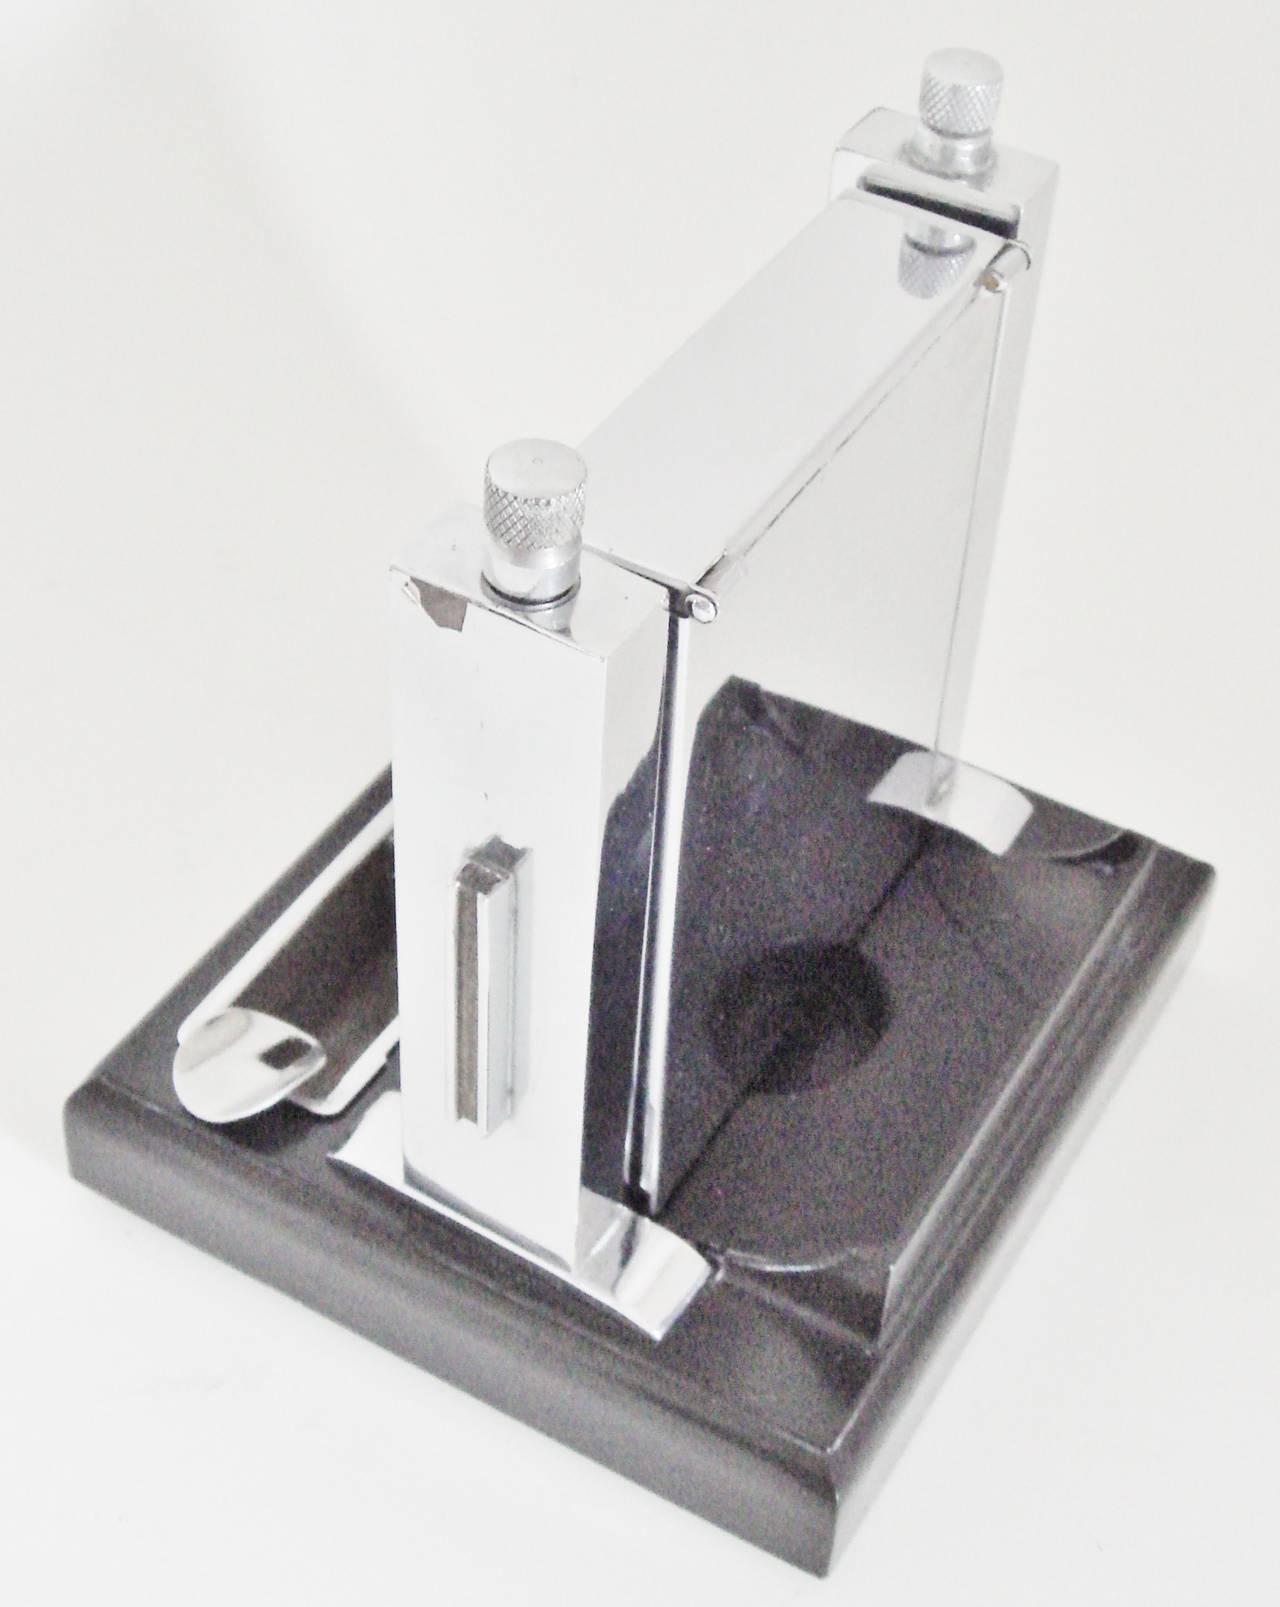 Art Deco Perpetual Calendar, Cigarette Dispenser, Striker Lighter and Ashtray 6